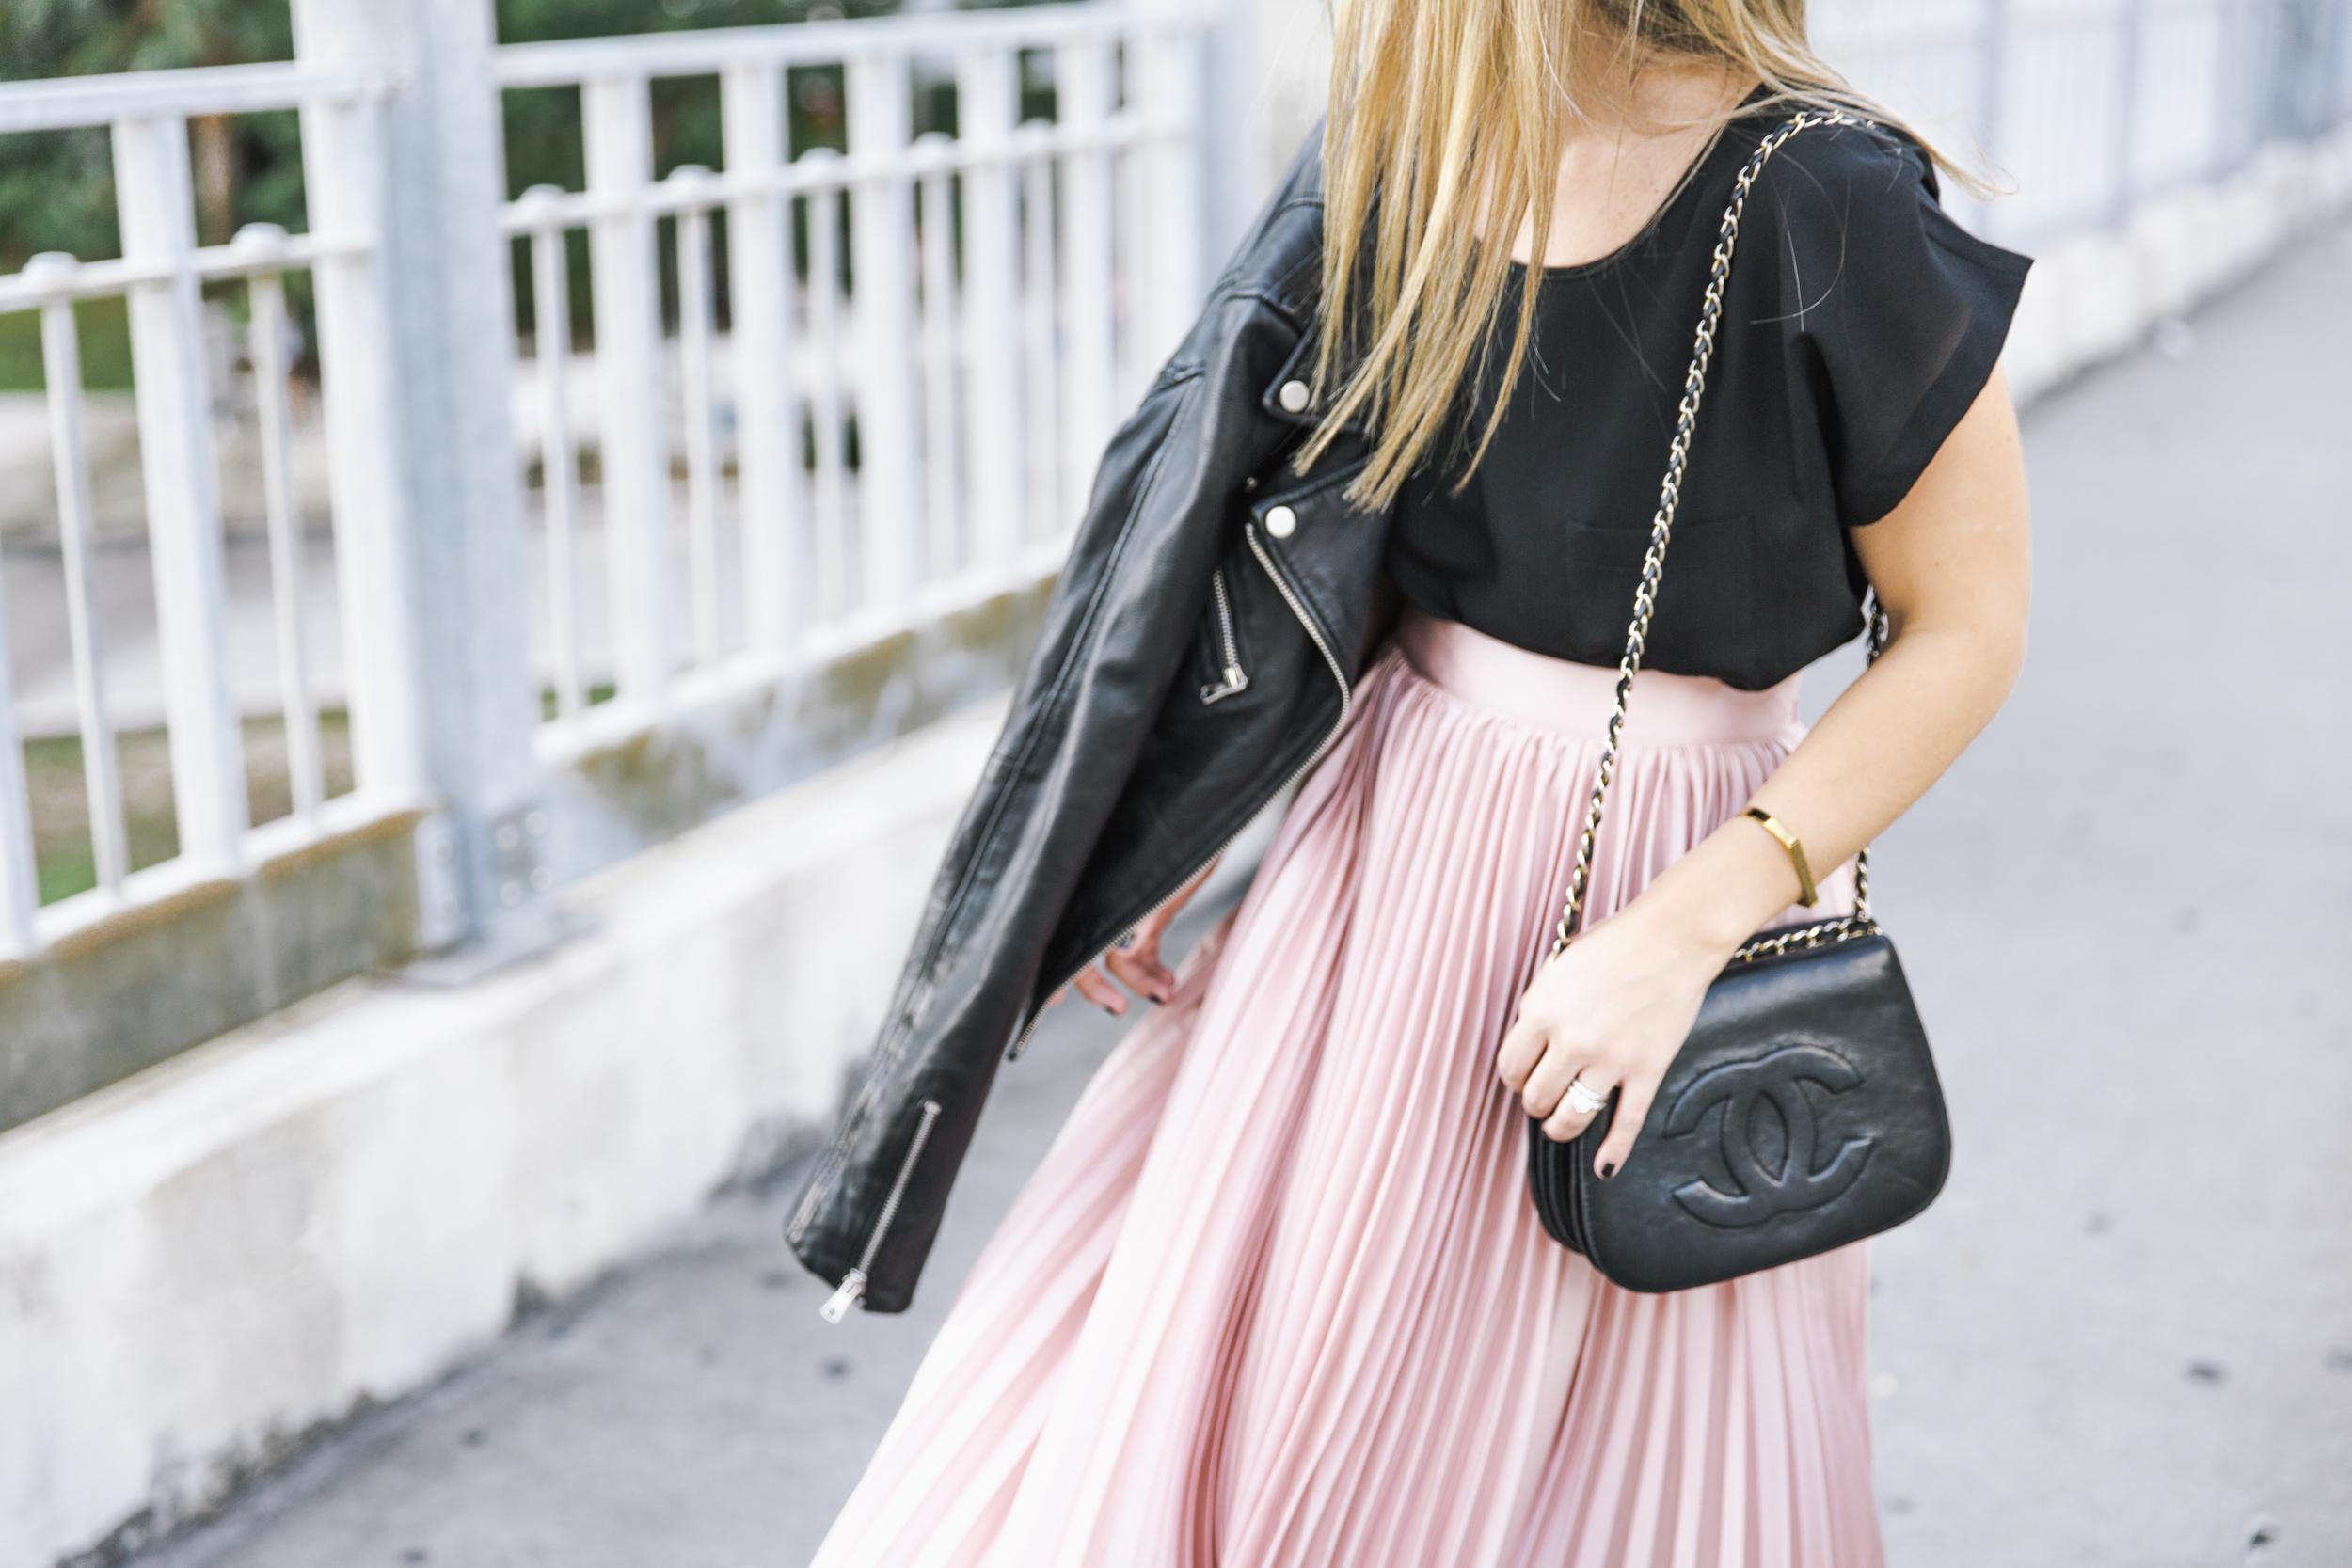 leatherjacket_pleatedskirt_chanelbag